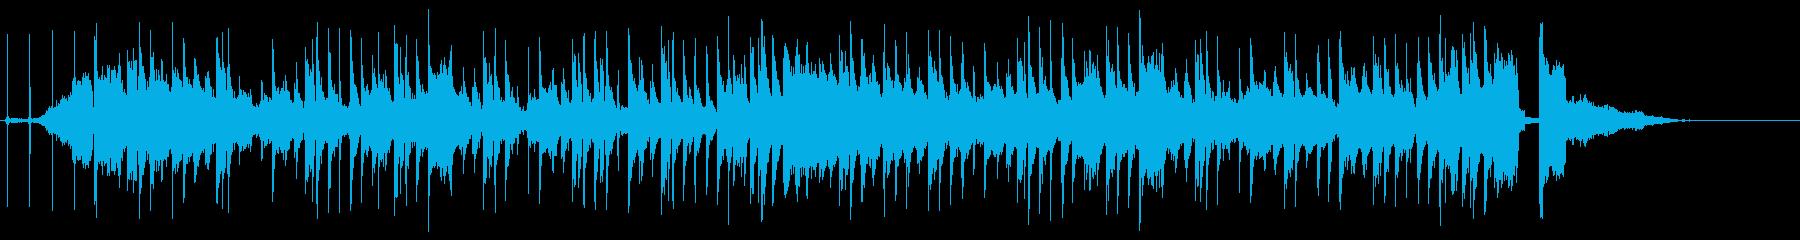 可愛く軽快なフューチャーベースのジングルの再生済みの波形